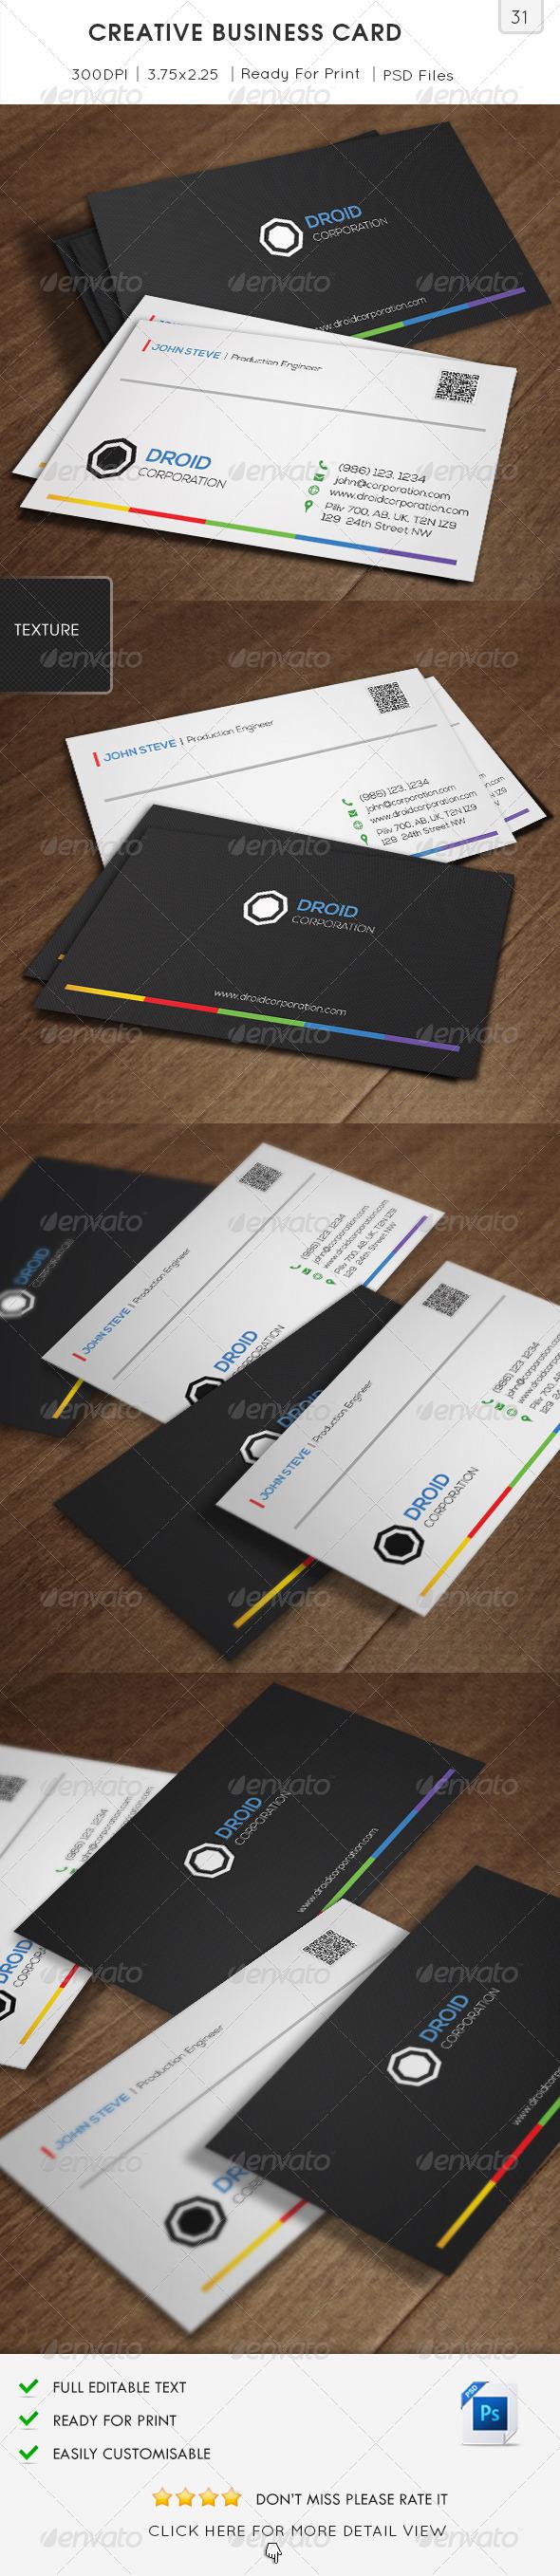 GraphicRiver Creative Business Card v31 6420406